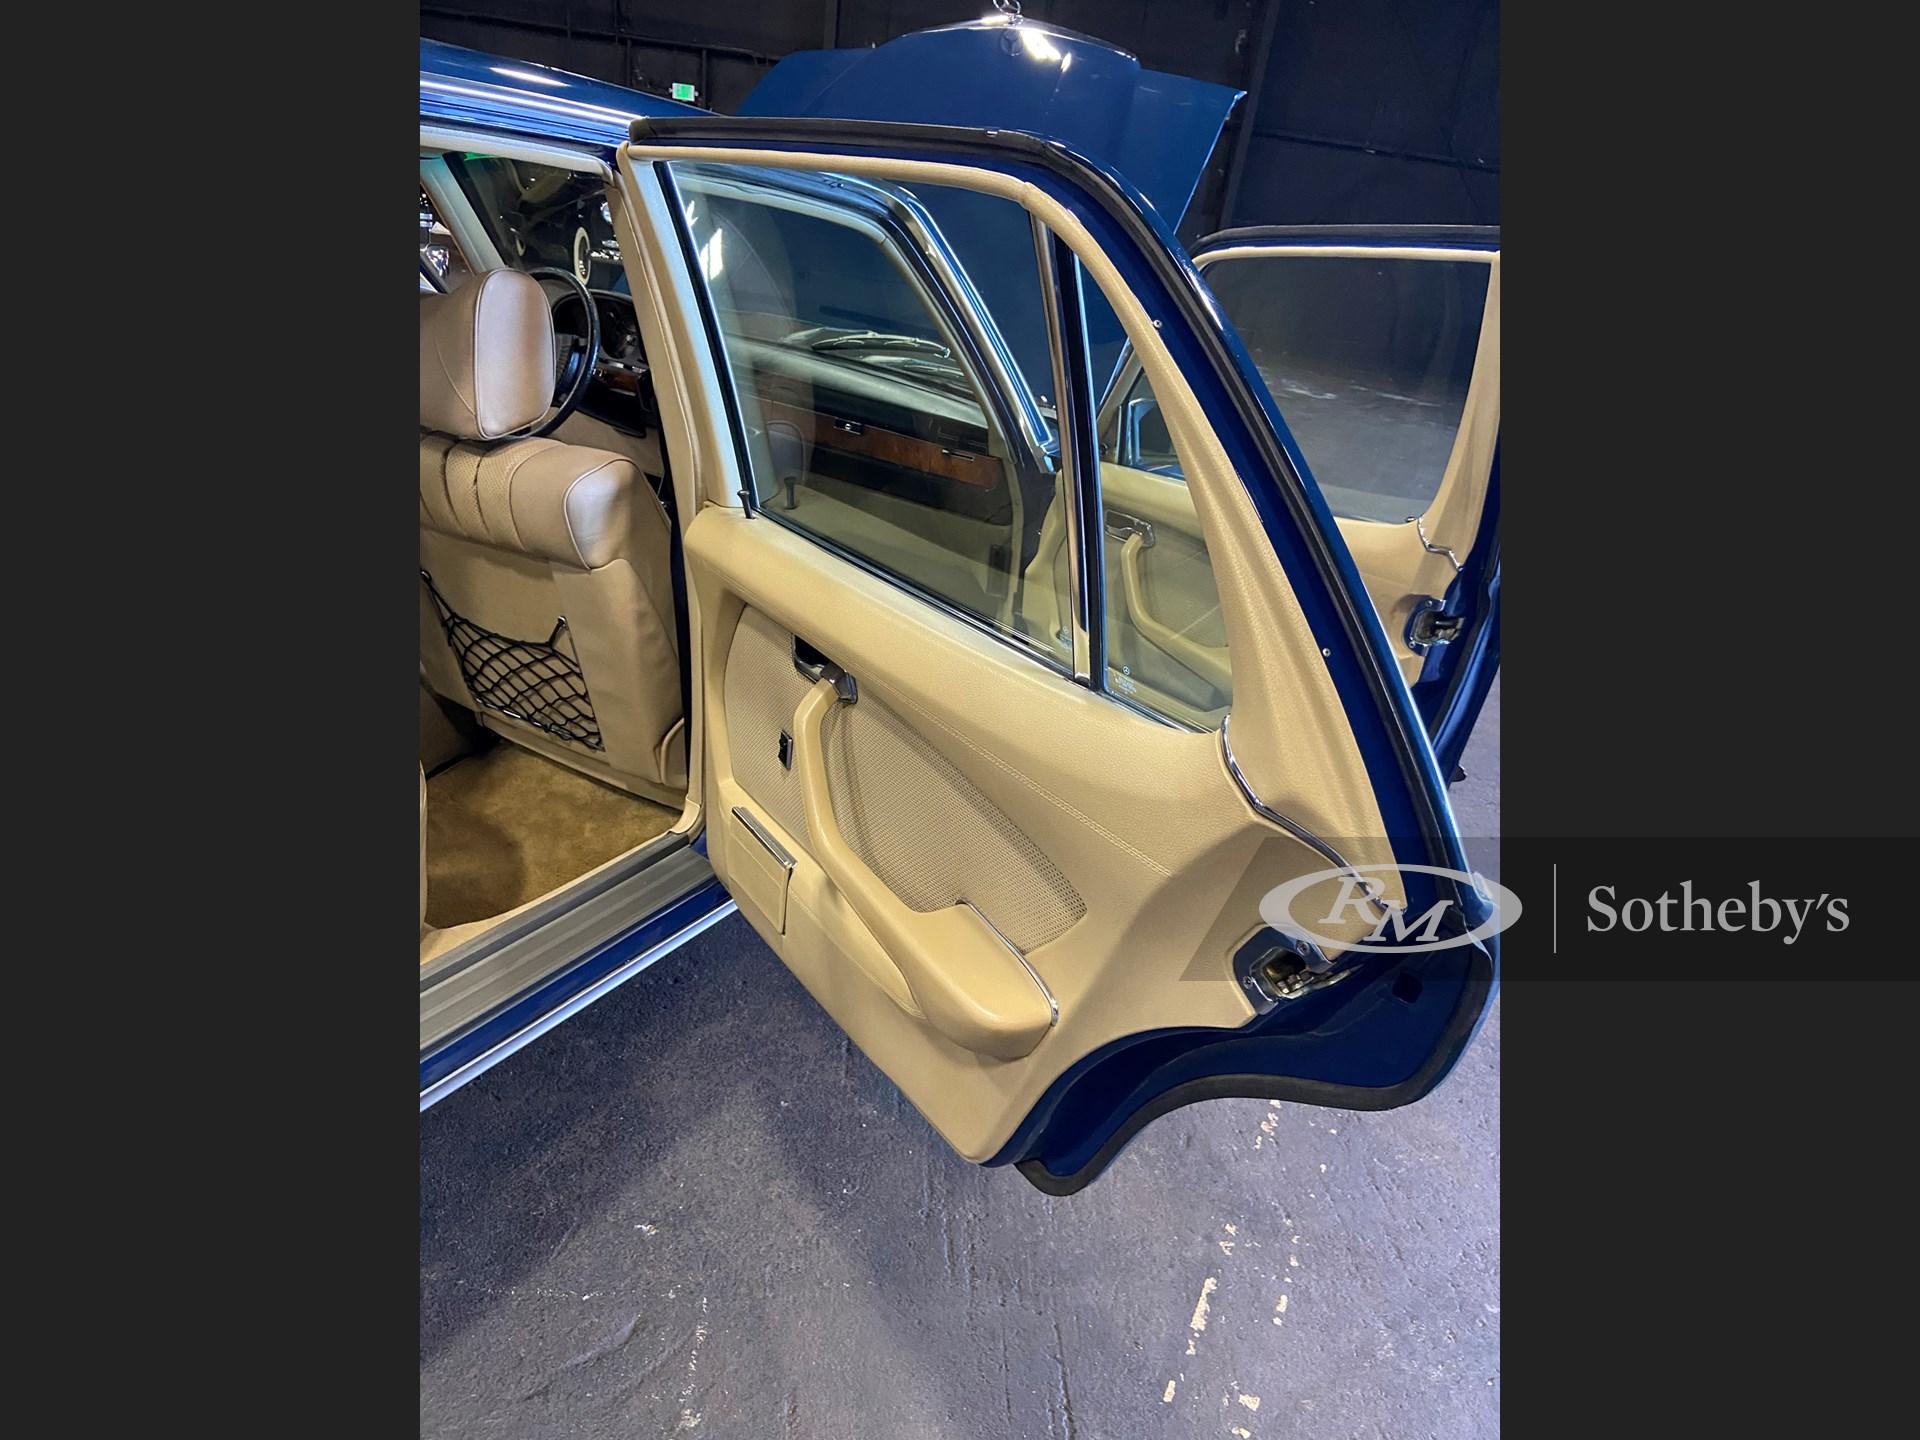 1977 Mercedes-Benz 450 SEL 6.9  -